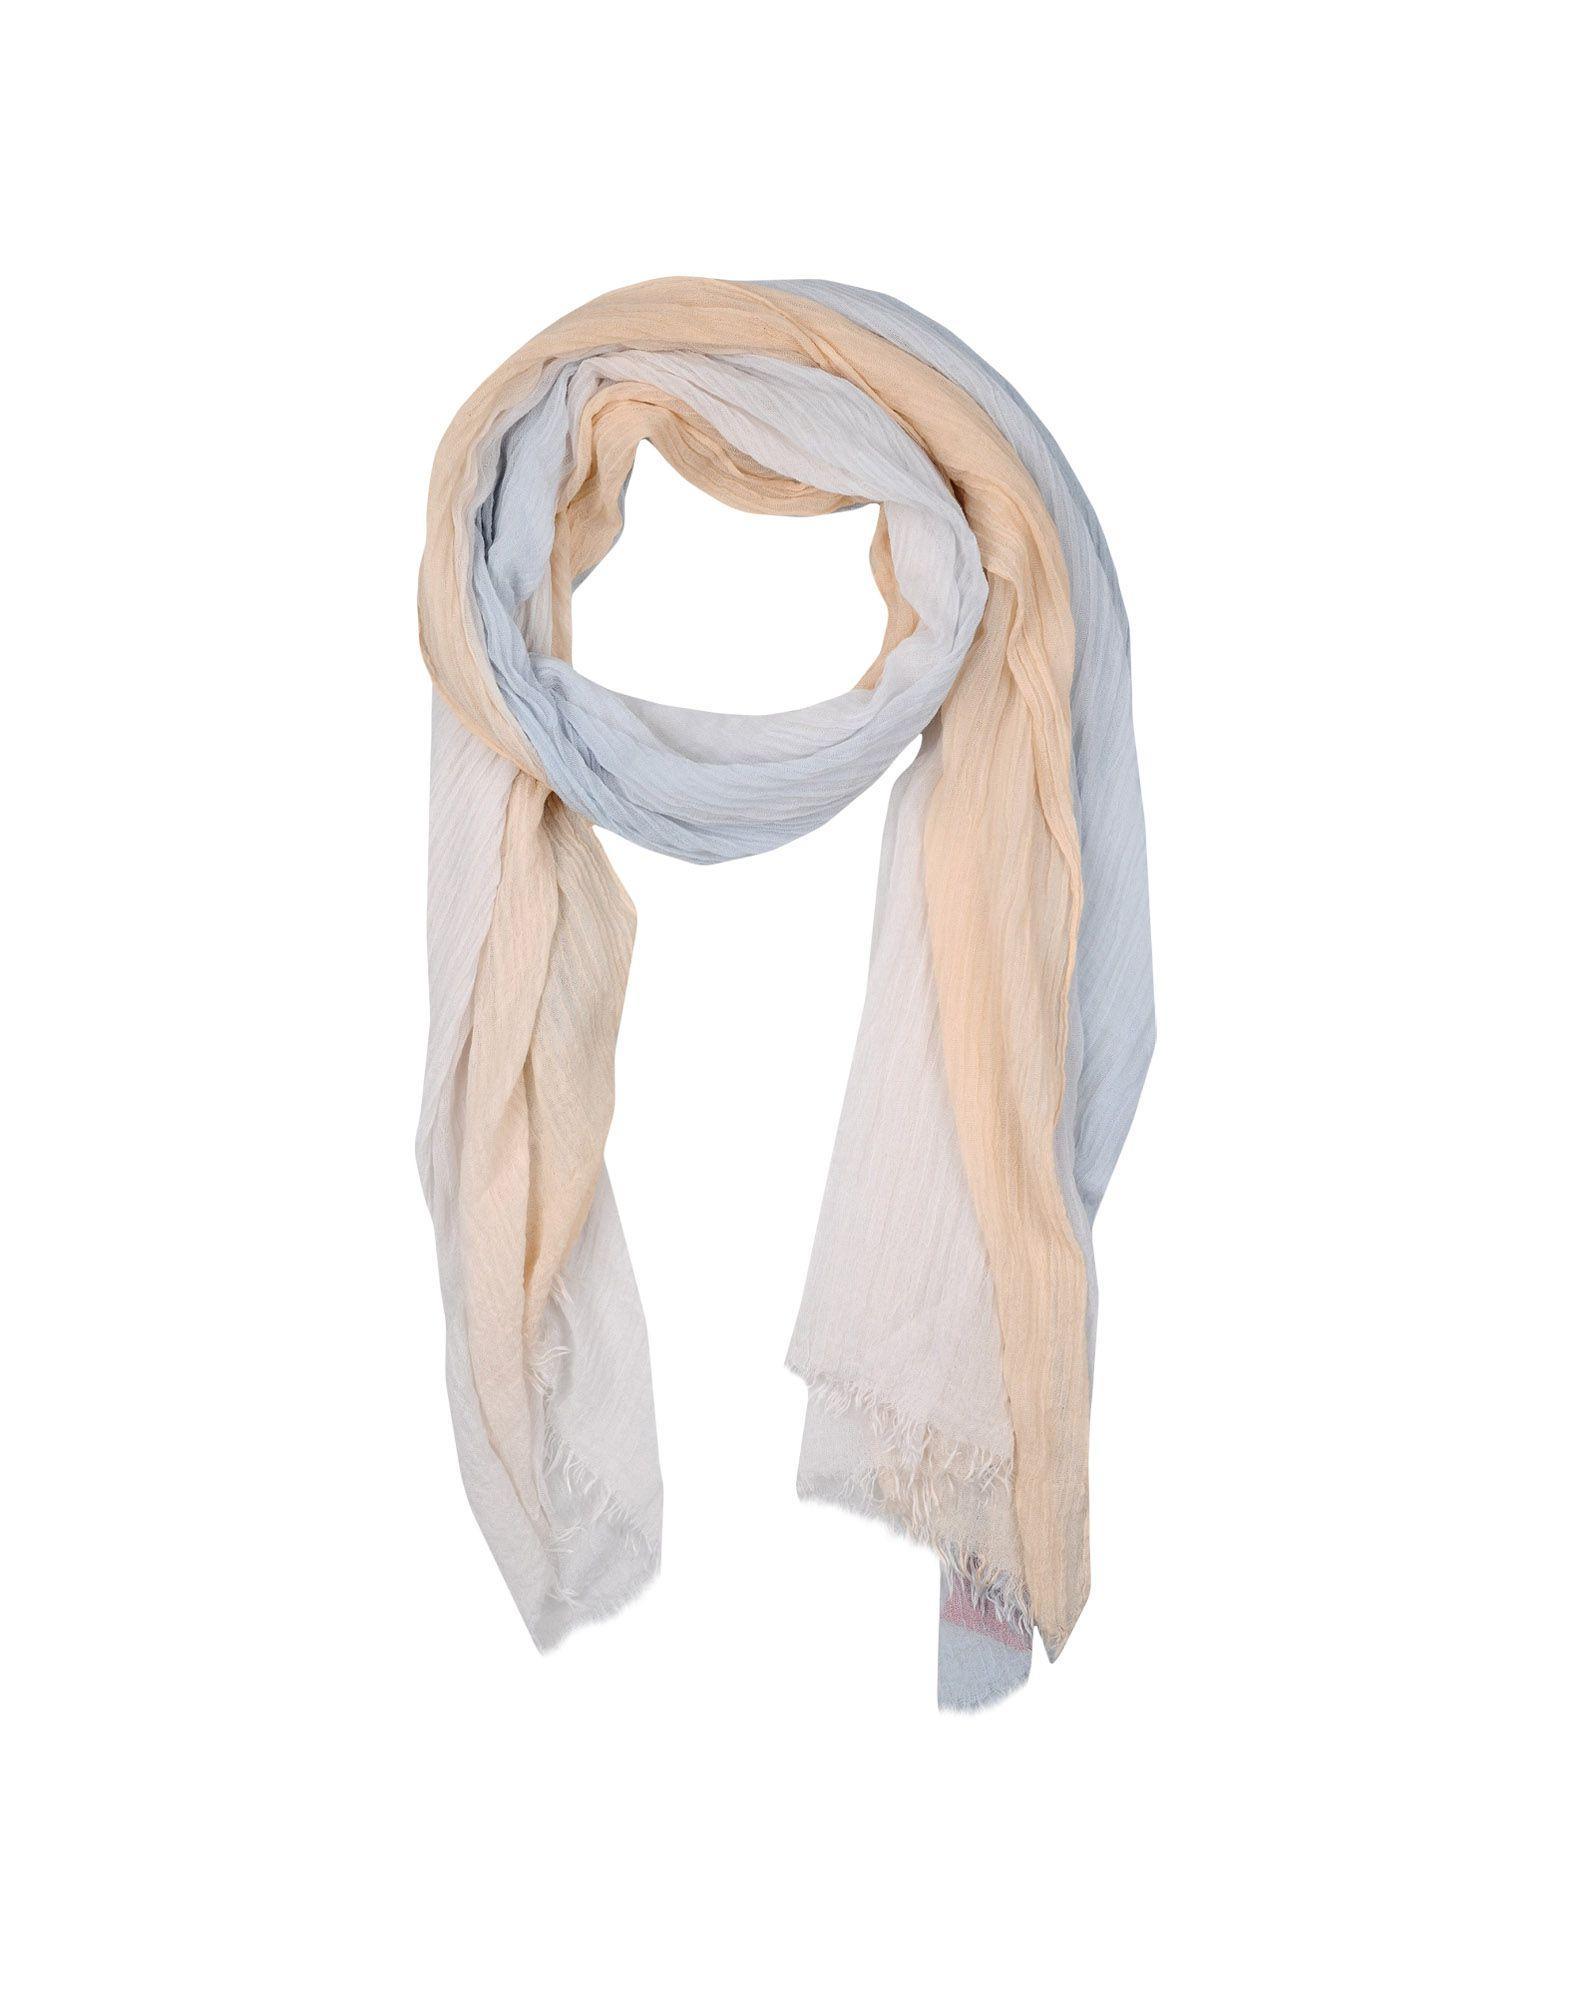 erfurt scarf in lyst